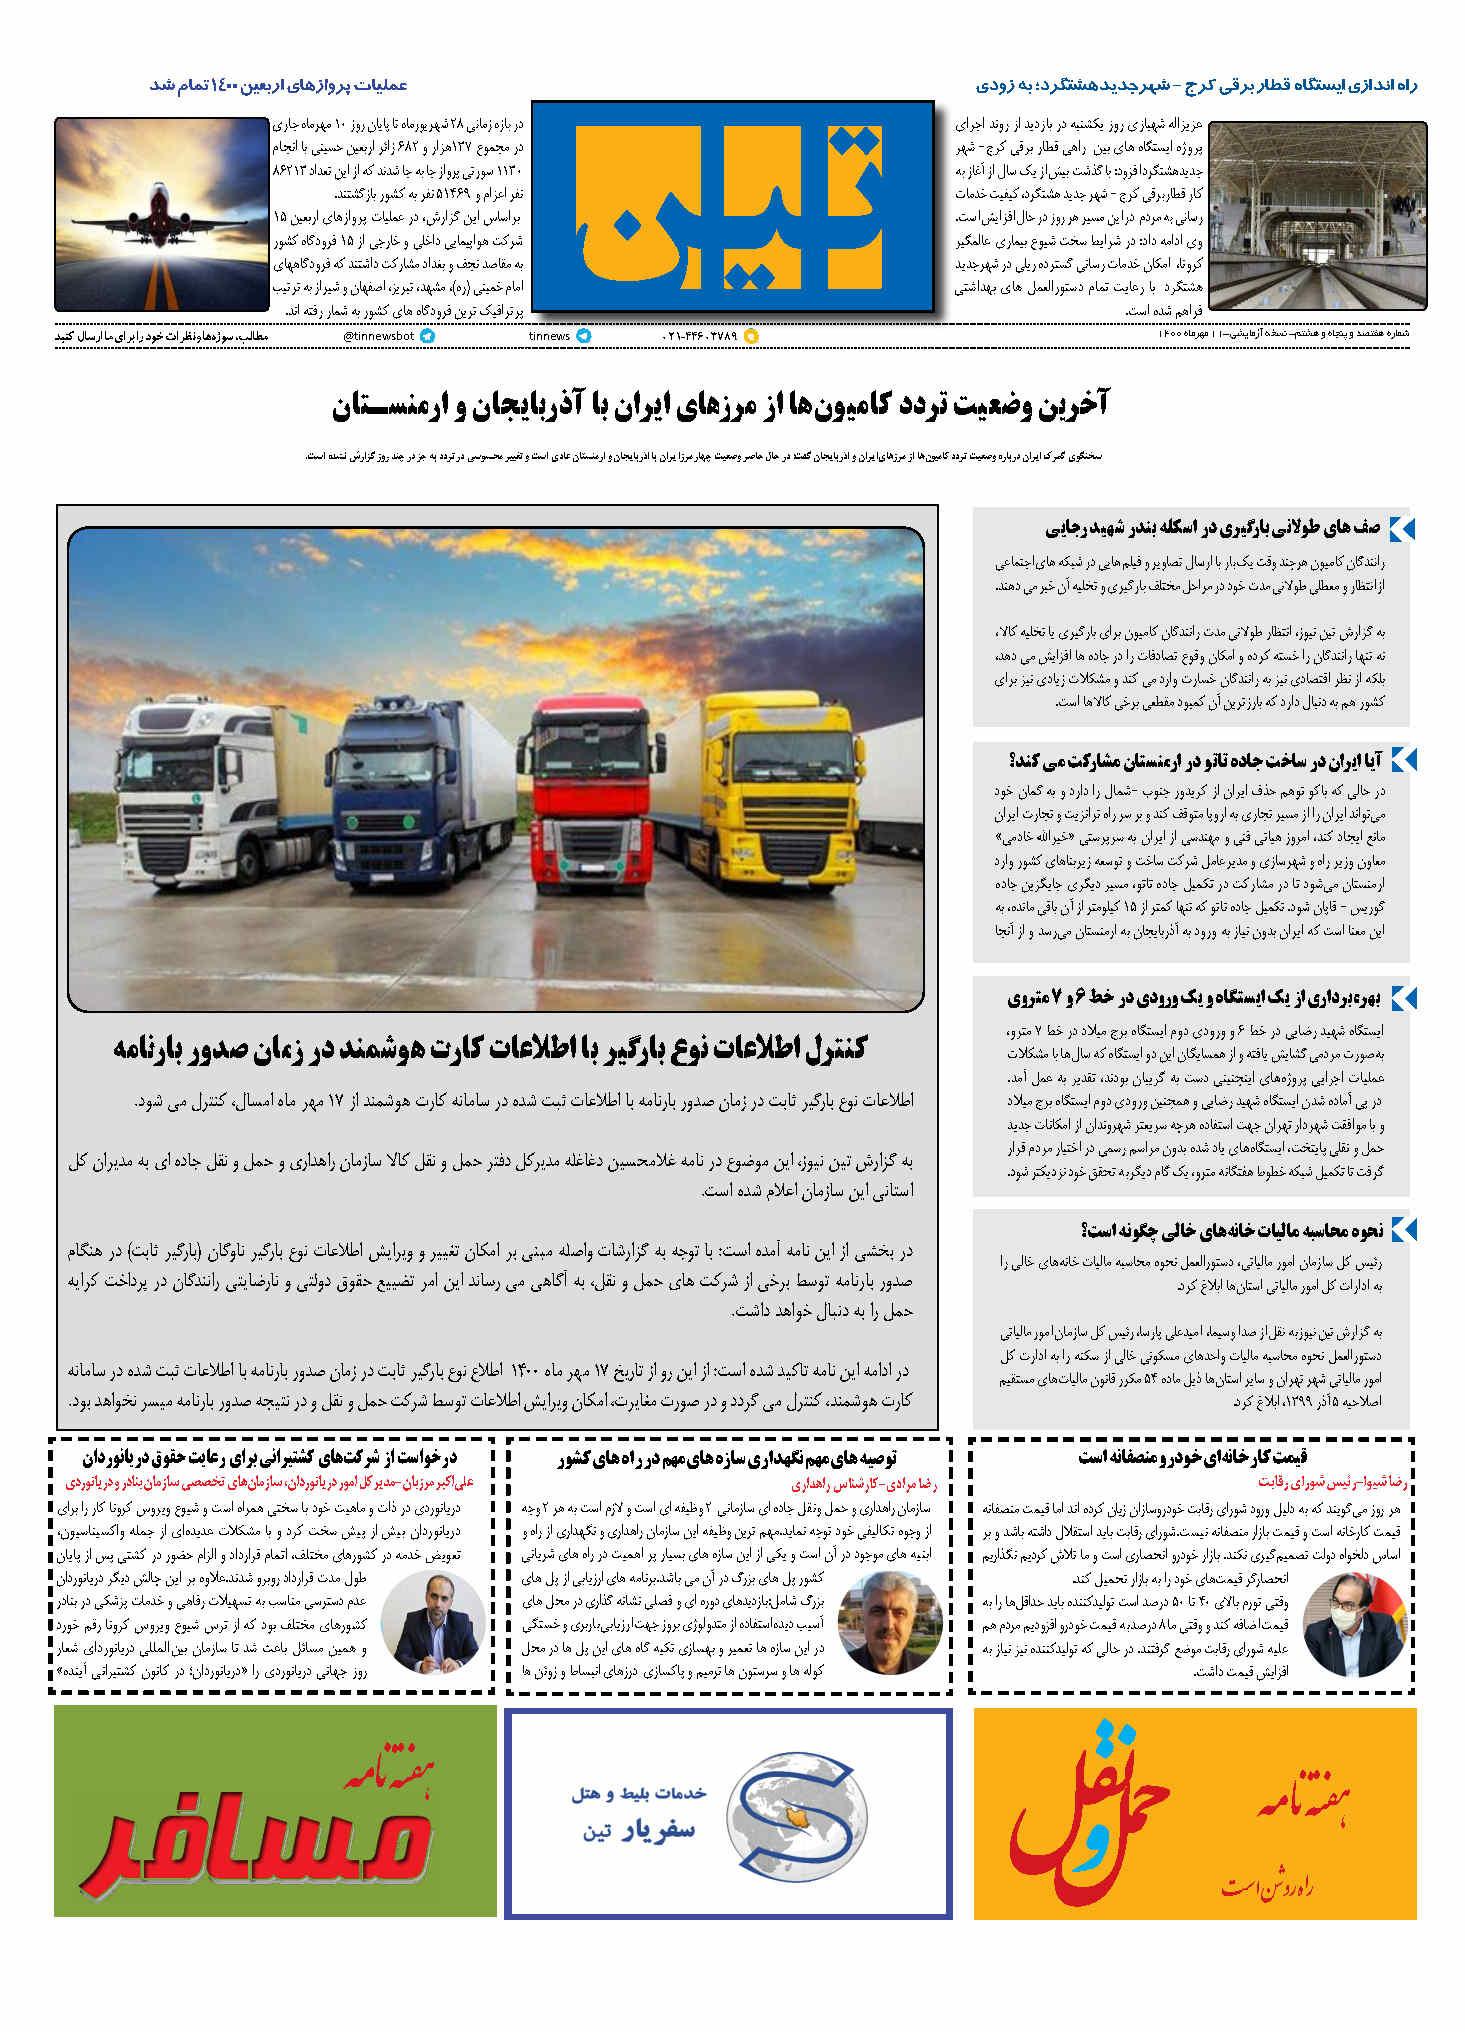 روزنامه الکترونیک 11 مهرماه 1400